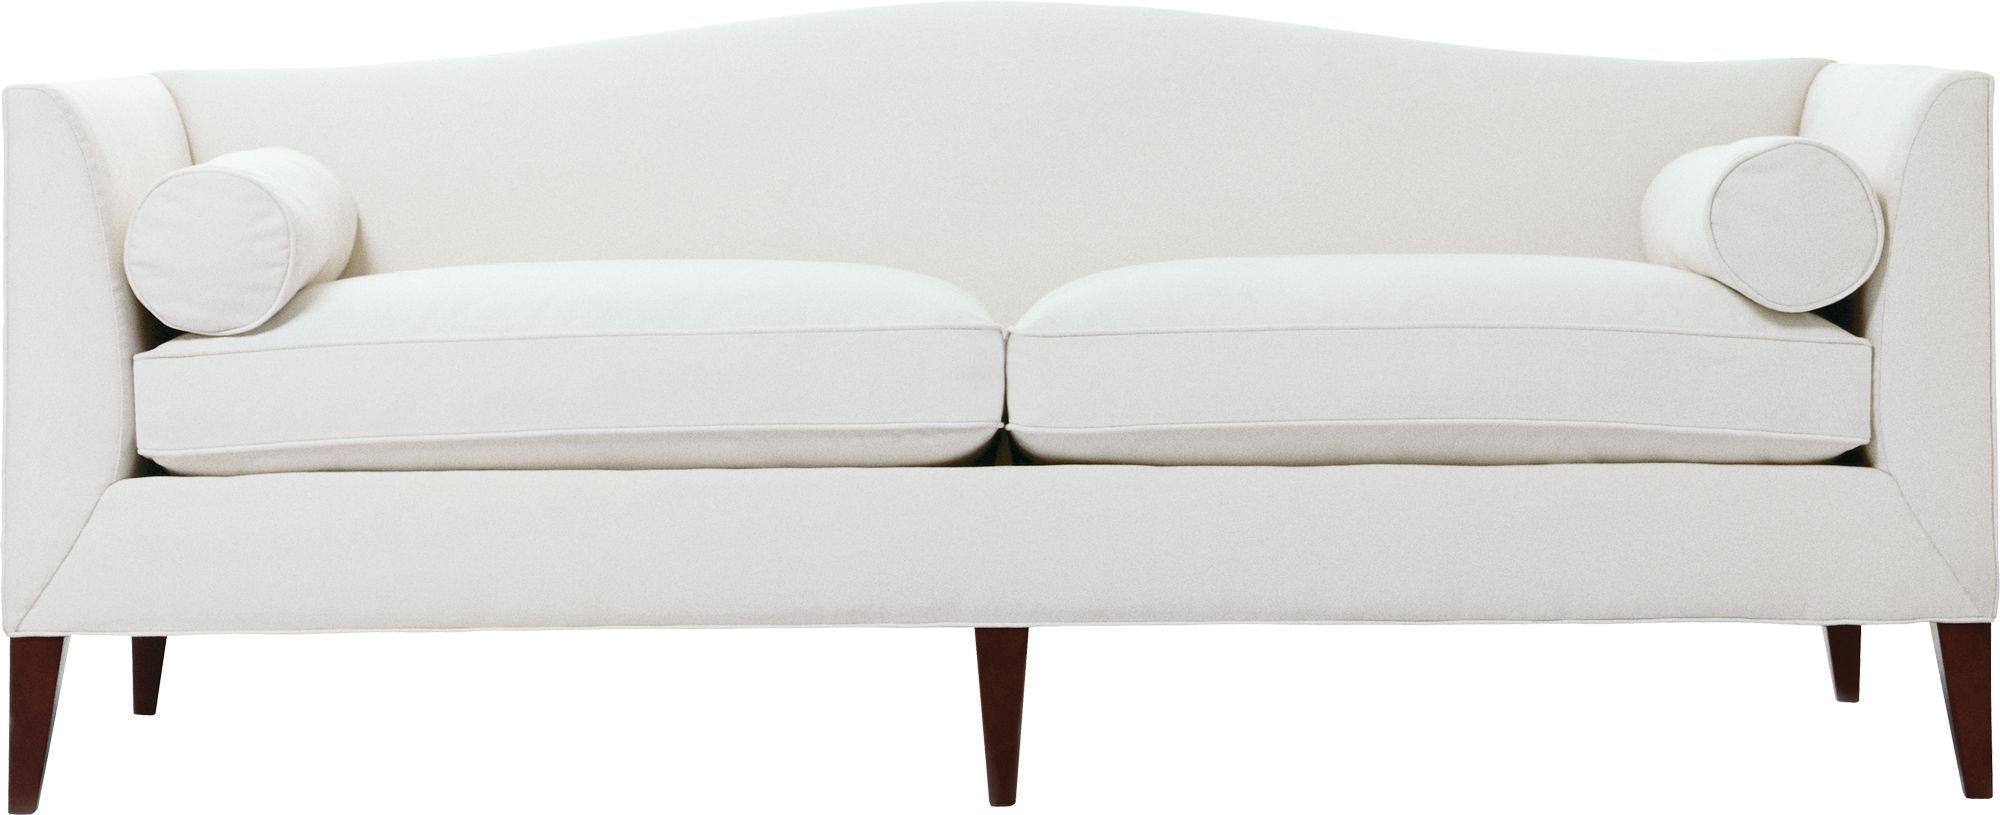 Lovely 6386 80. Baker Classics Upholstery Archetype Sofa